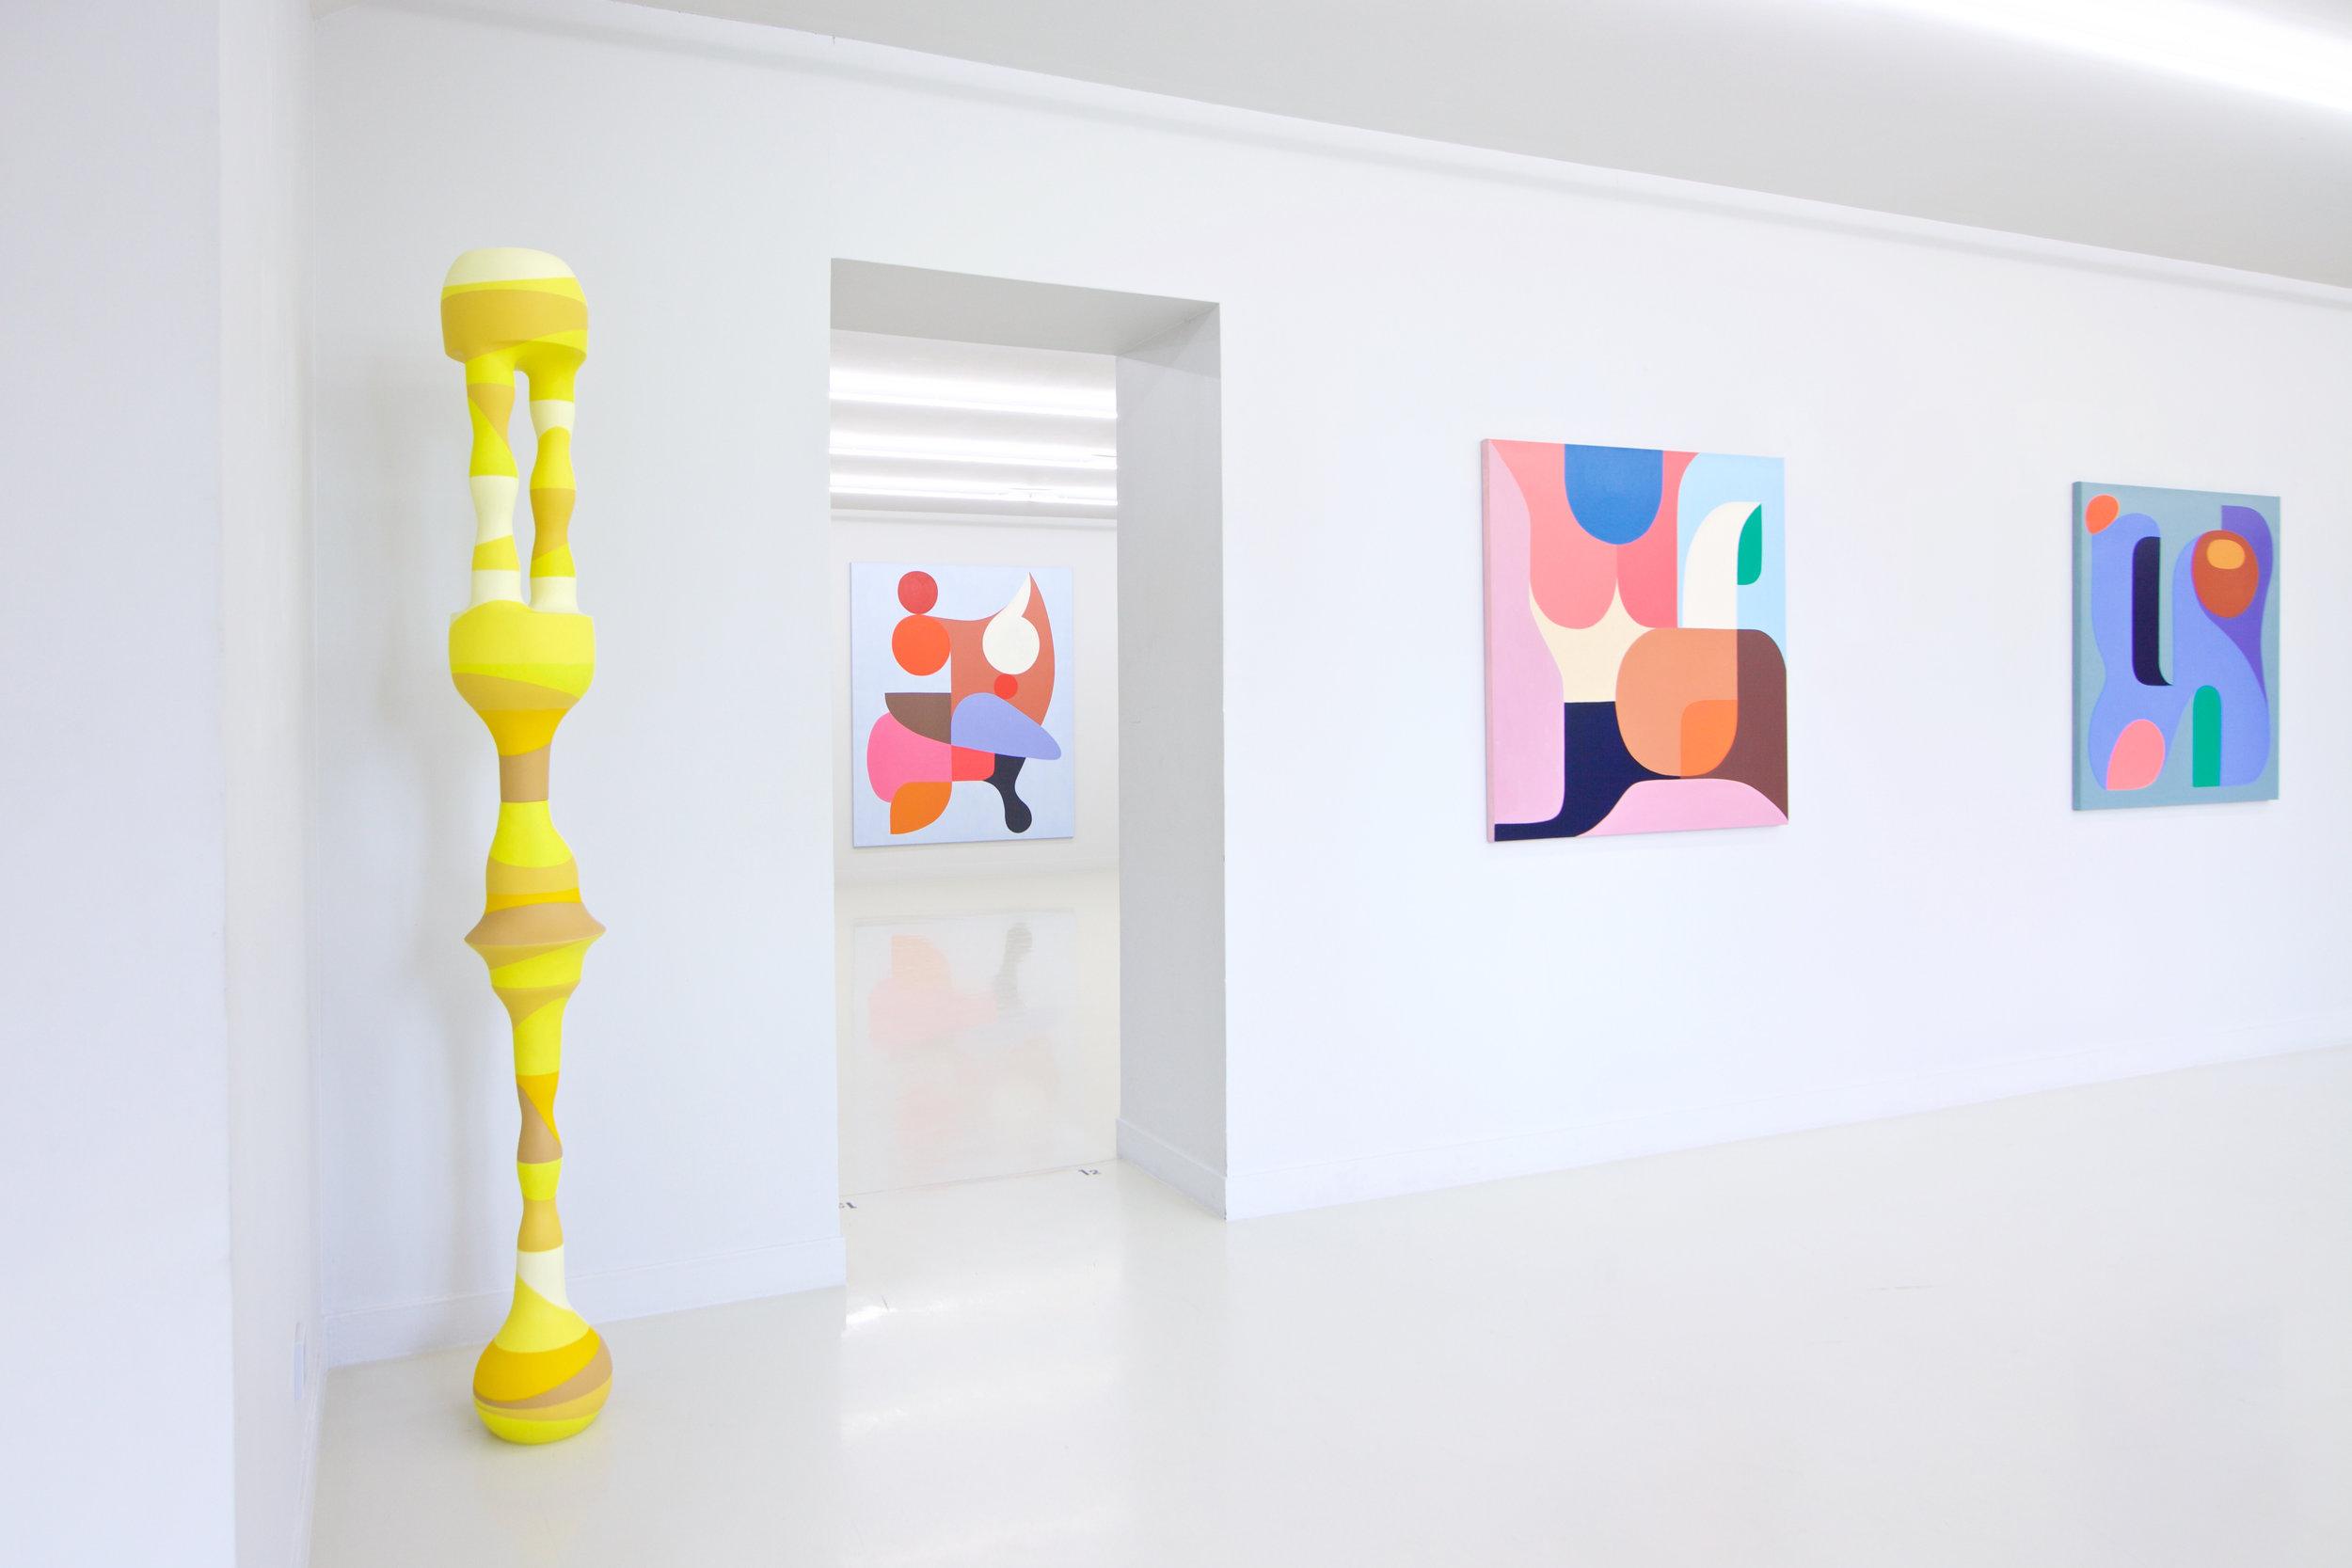 Galerie_Bessieres_05_2019_MG_5946 20.jpg